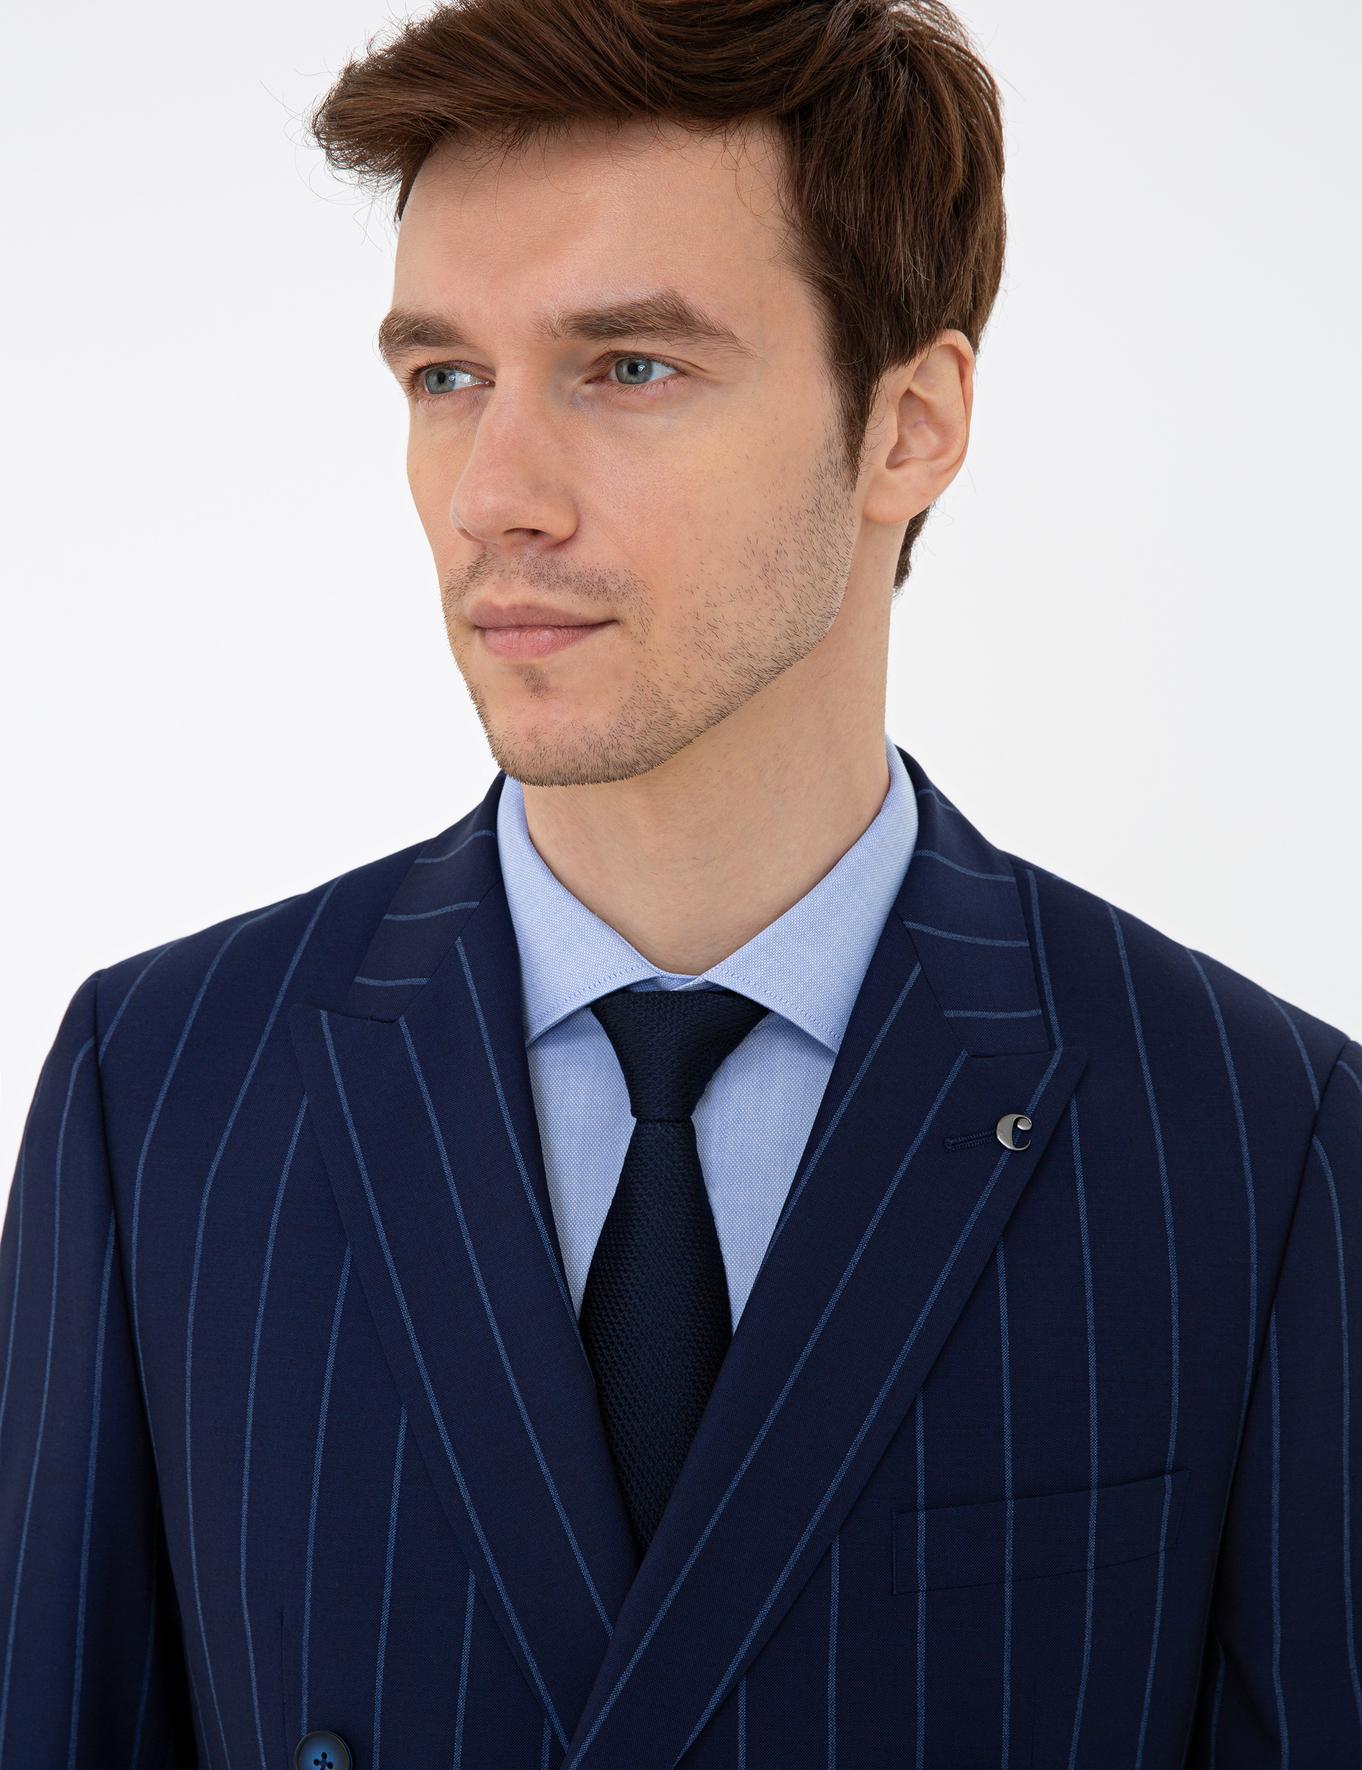 Lacivert Slim Fit Takım Elbise - 50232892014